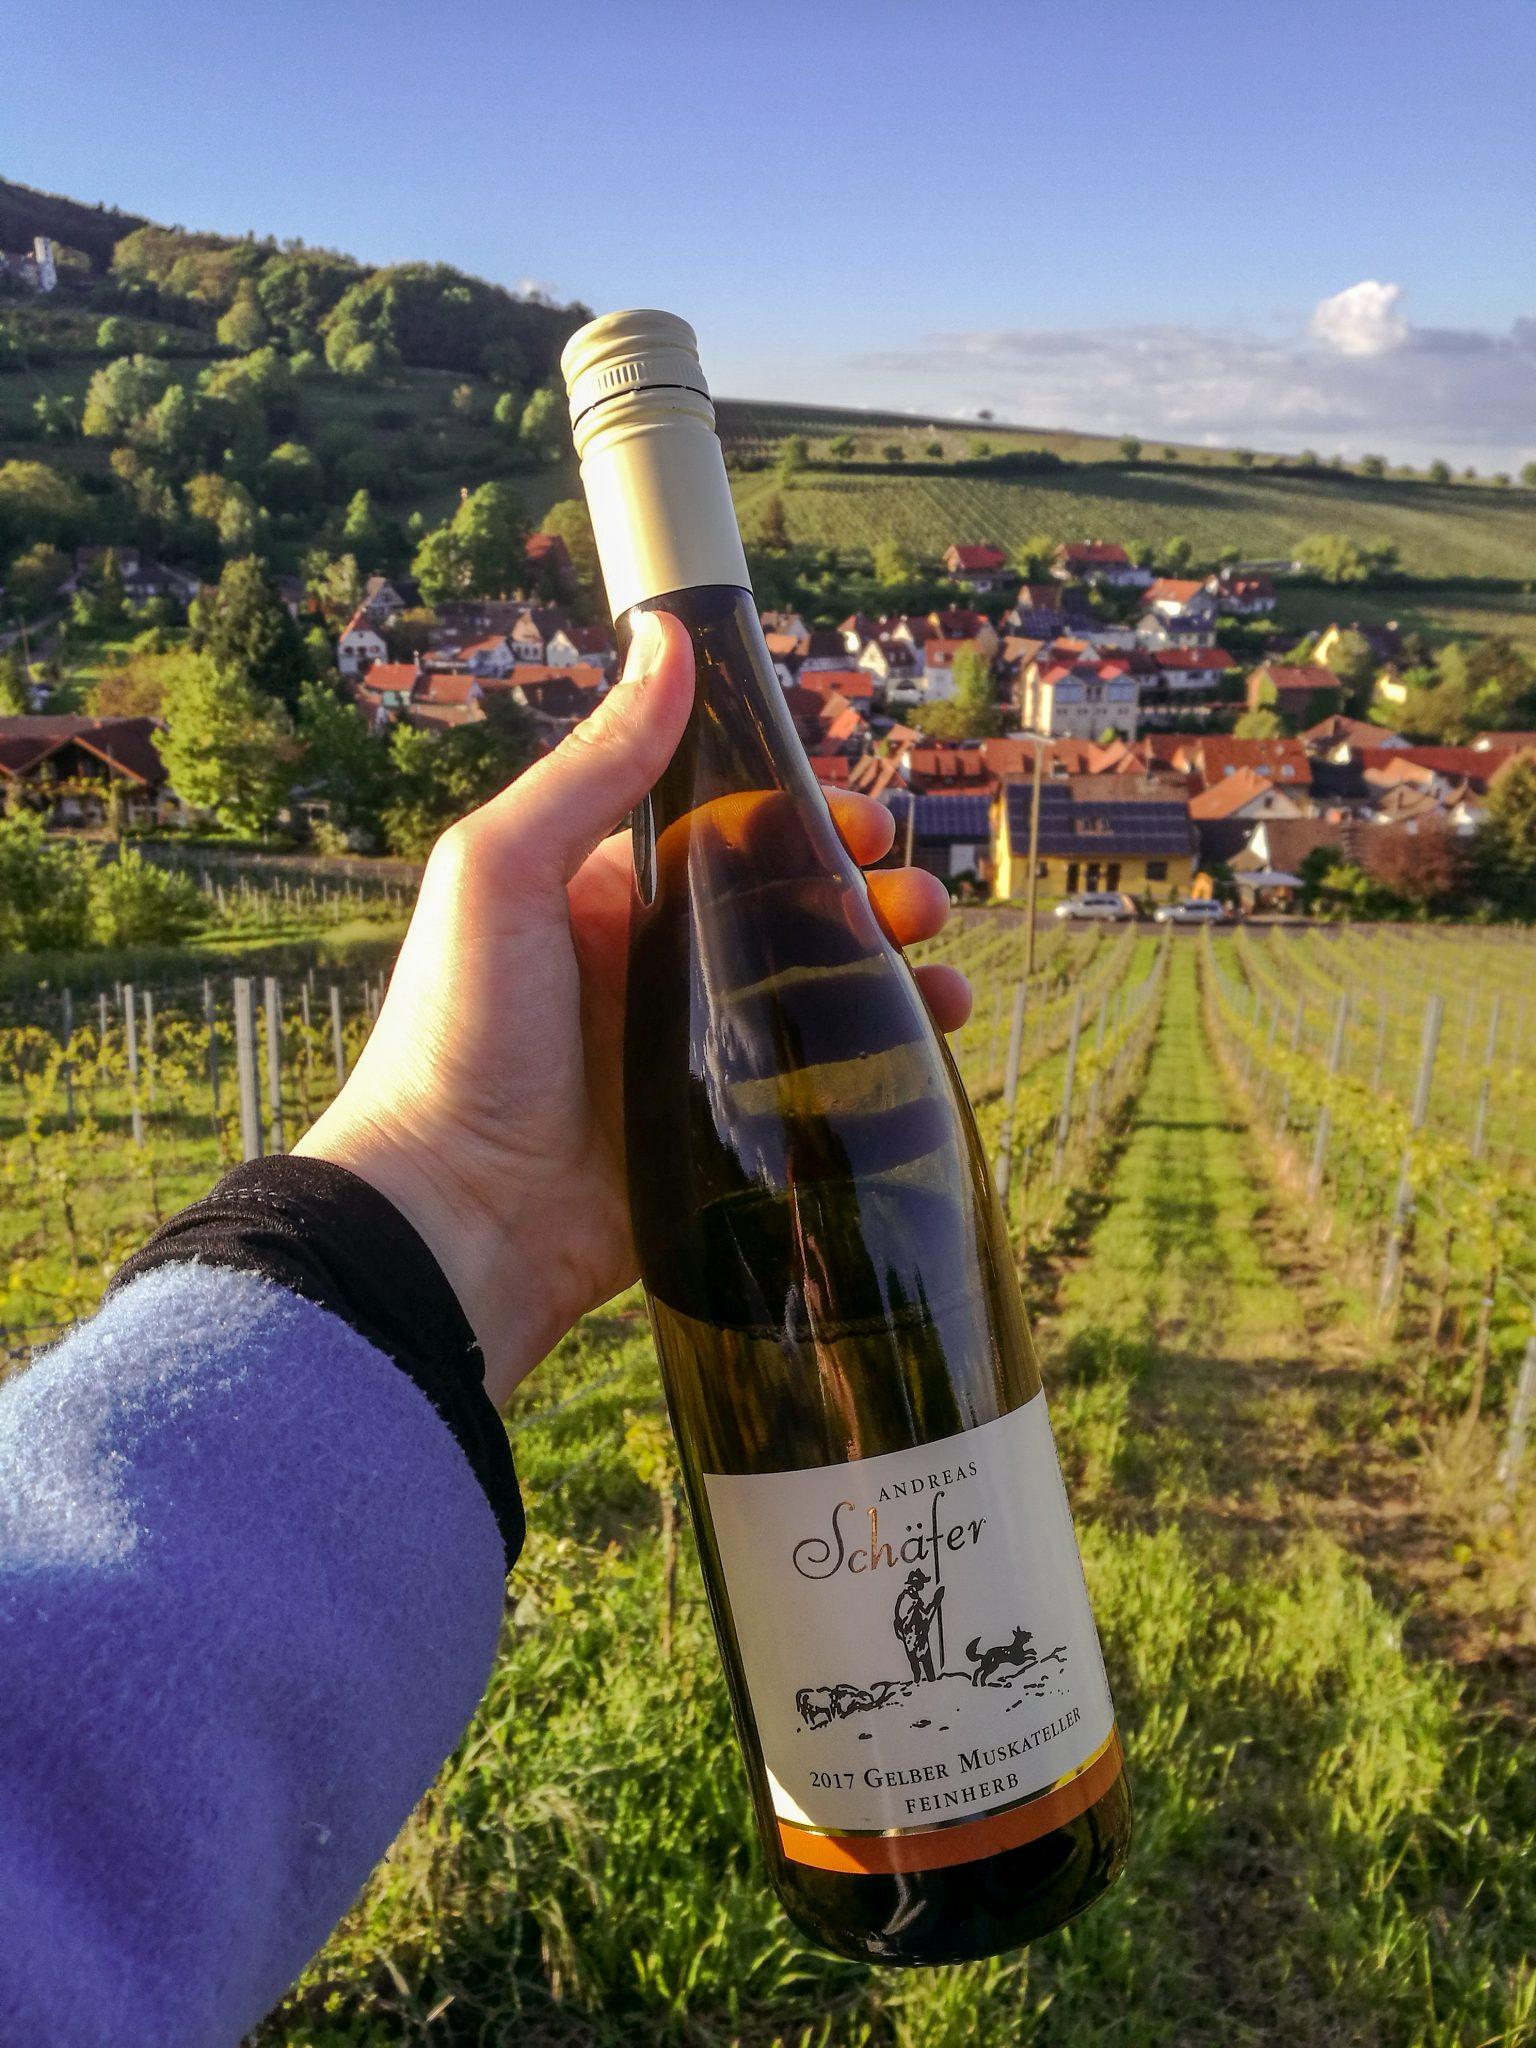 Landau-pfalz-leinsweiler-weinberge-wein